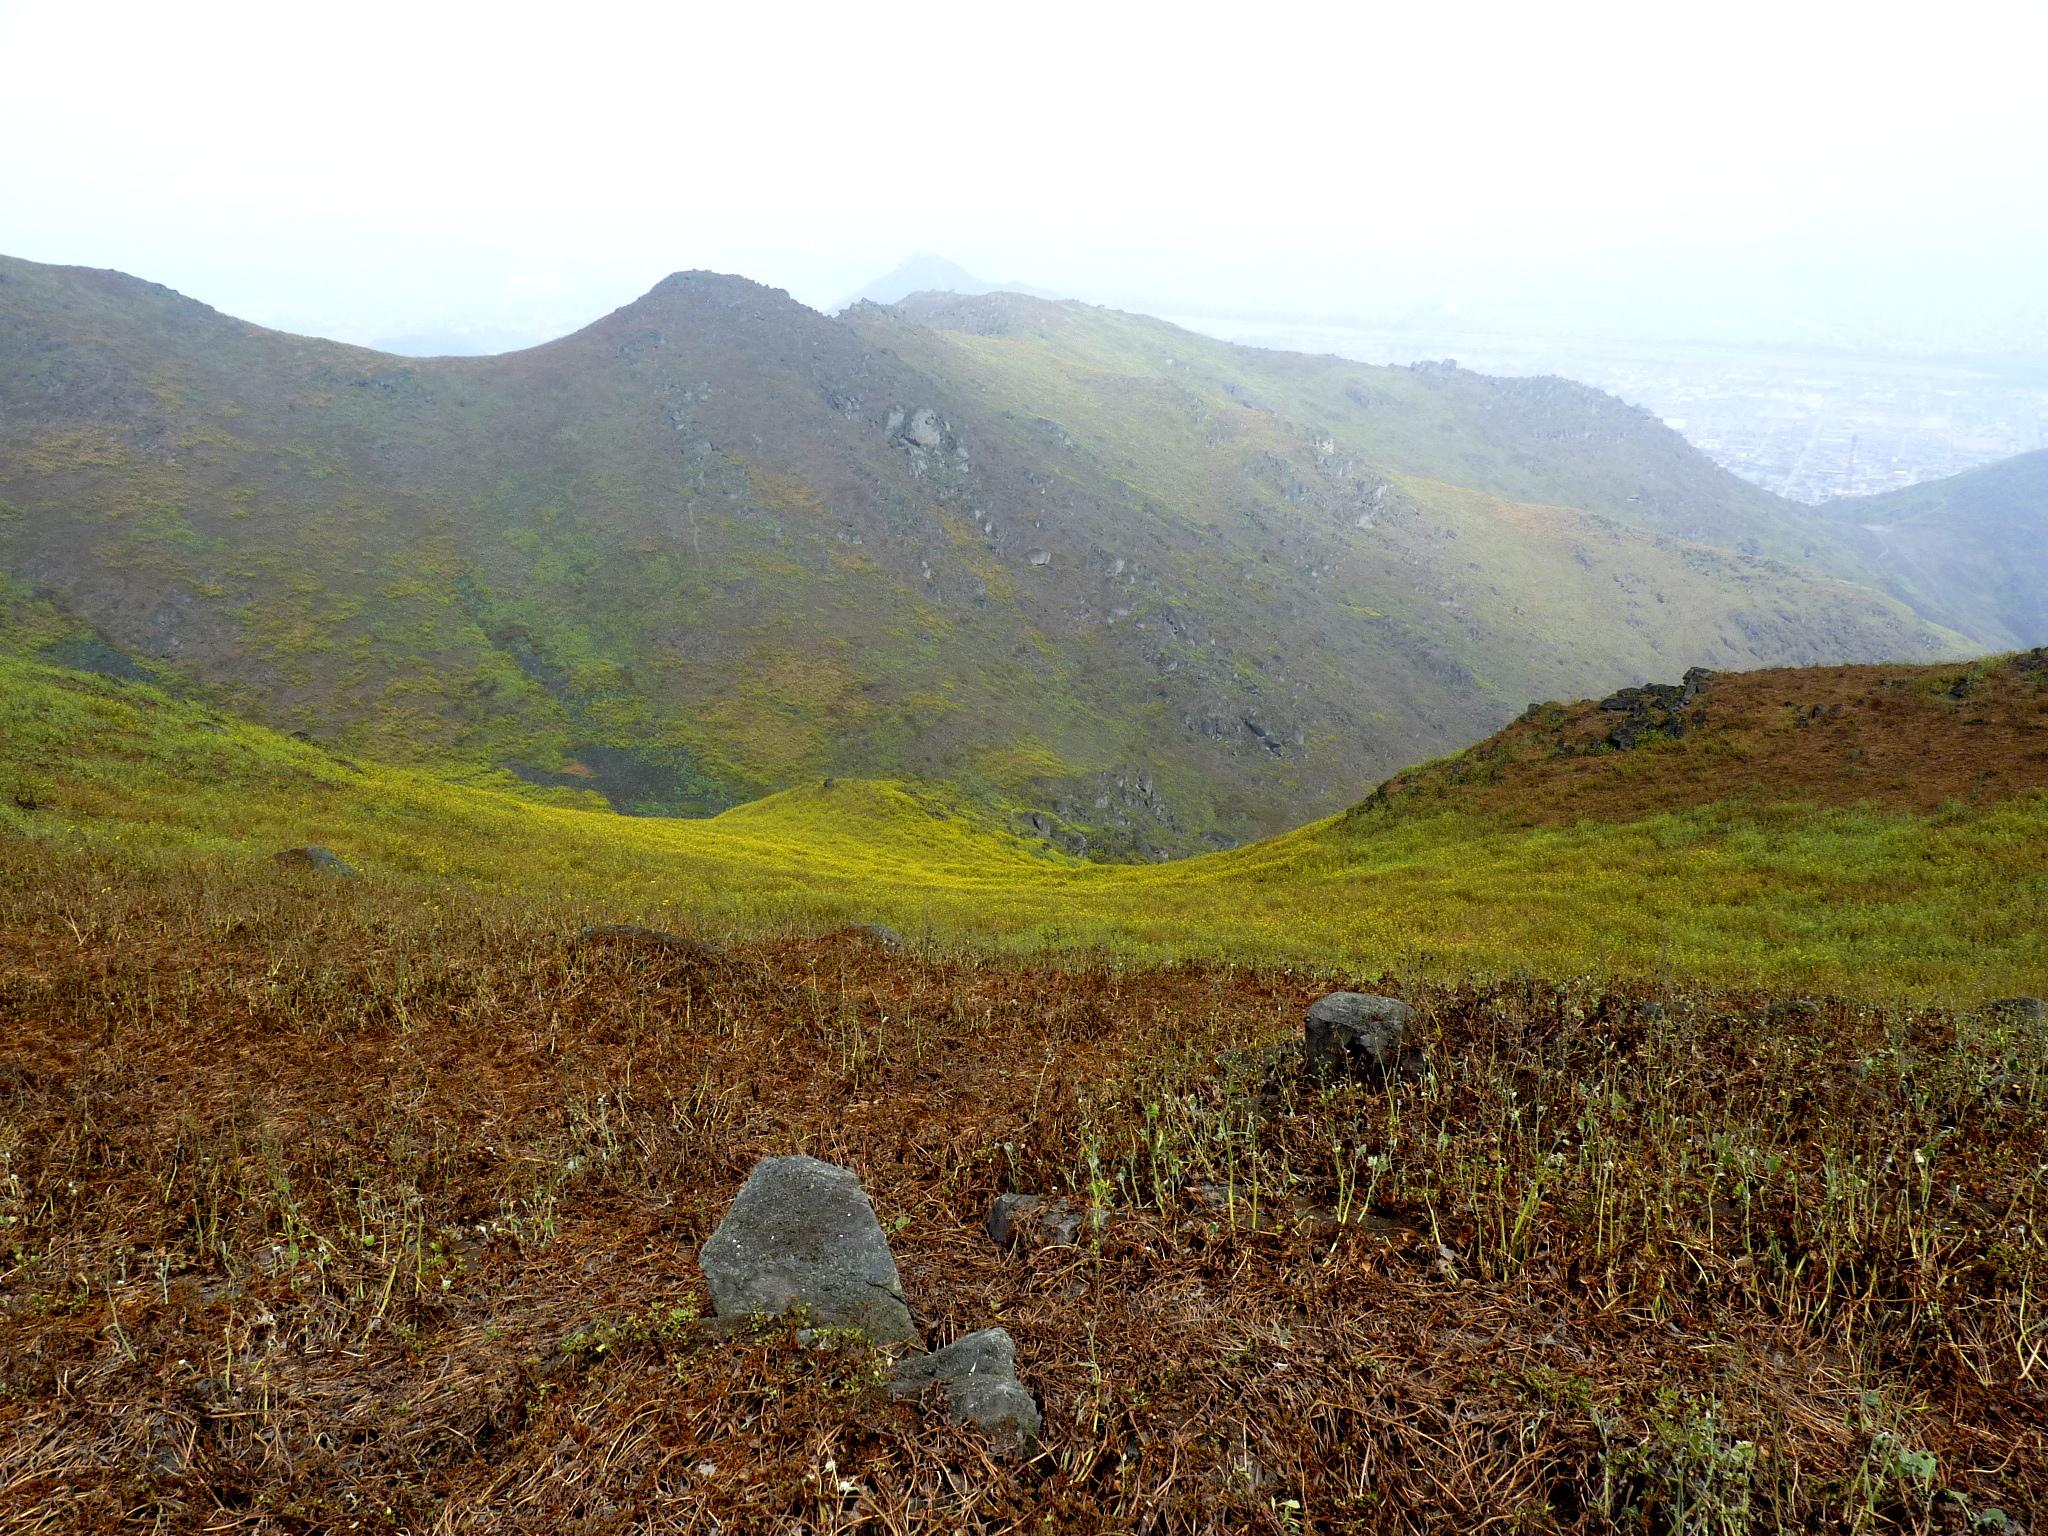 Lomas de Mangomarca, San Juan de Lurigancho, Lima-Perú (2011)